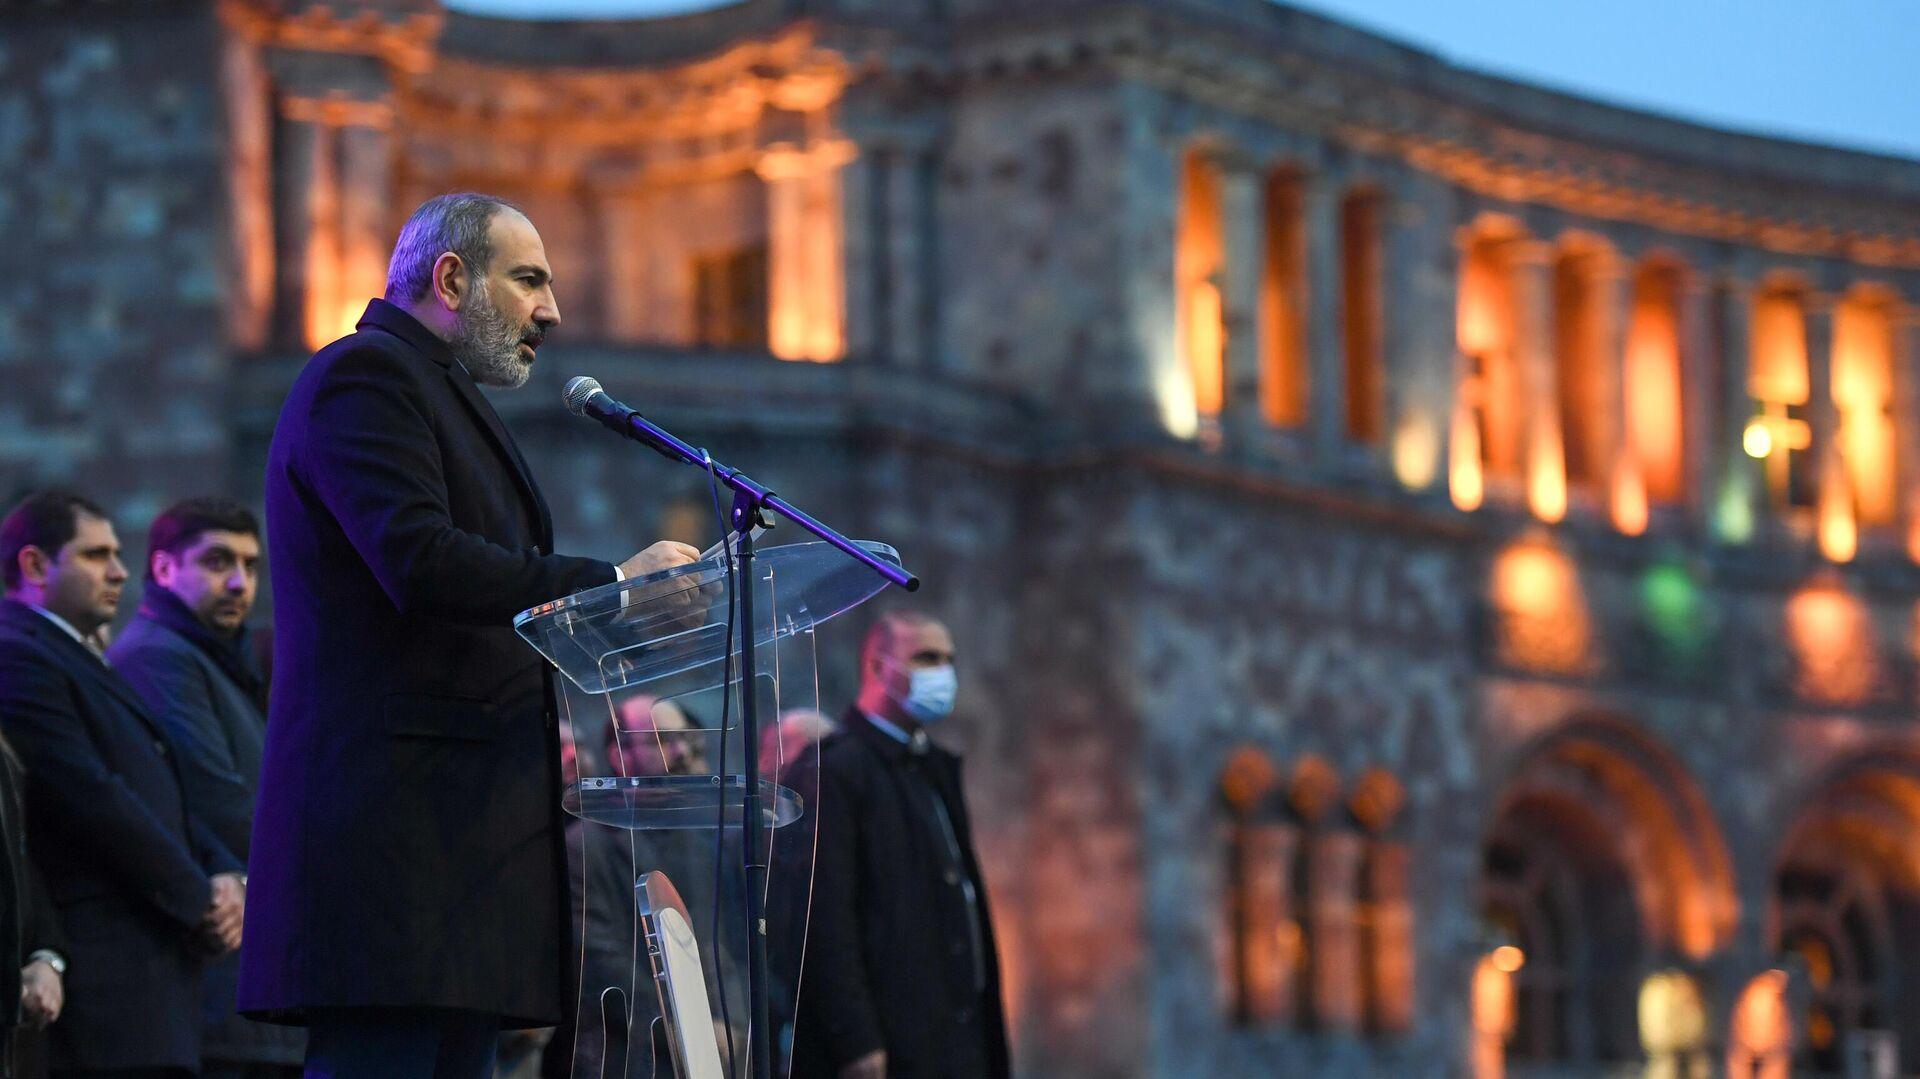 Премьер-министр Никол Пашинян выступает перед своими сторонниками в Ереване - РИА Новости, 1920, 21.06.2021